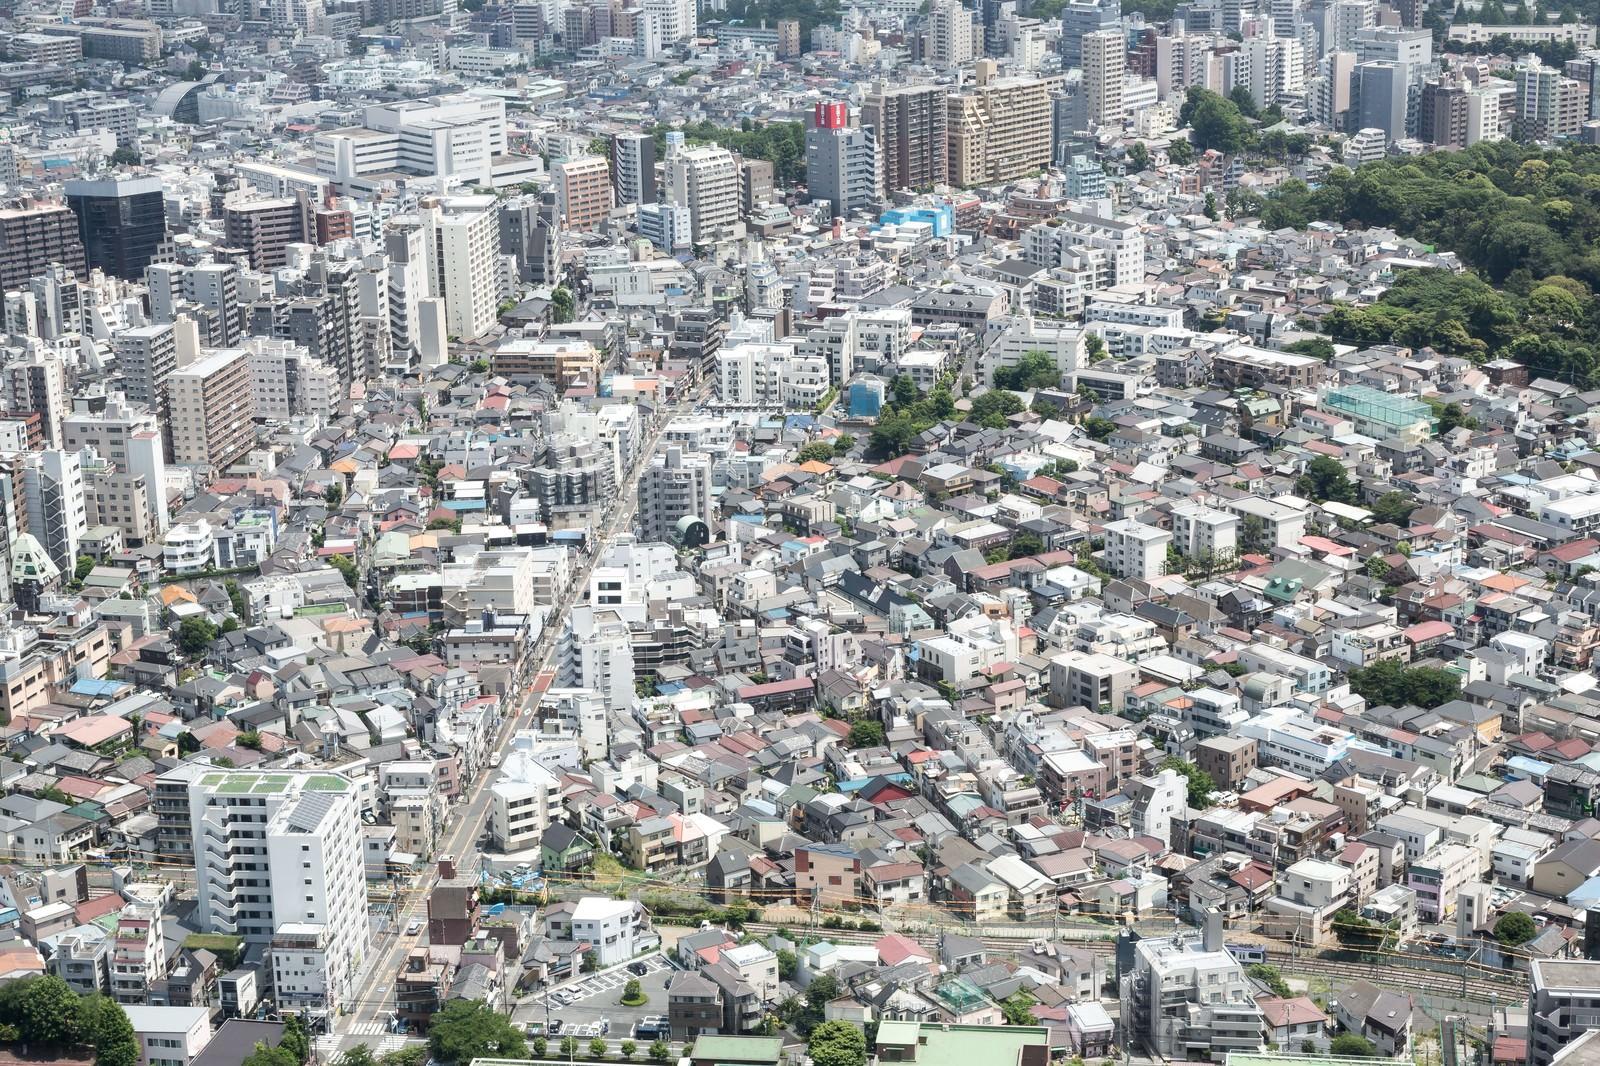 「市街地を見下ろす」の写真